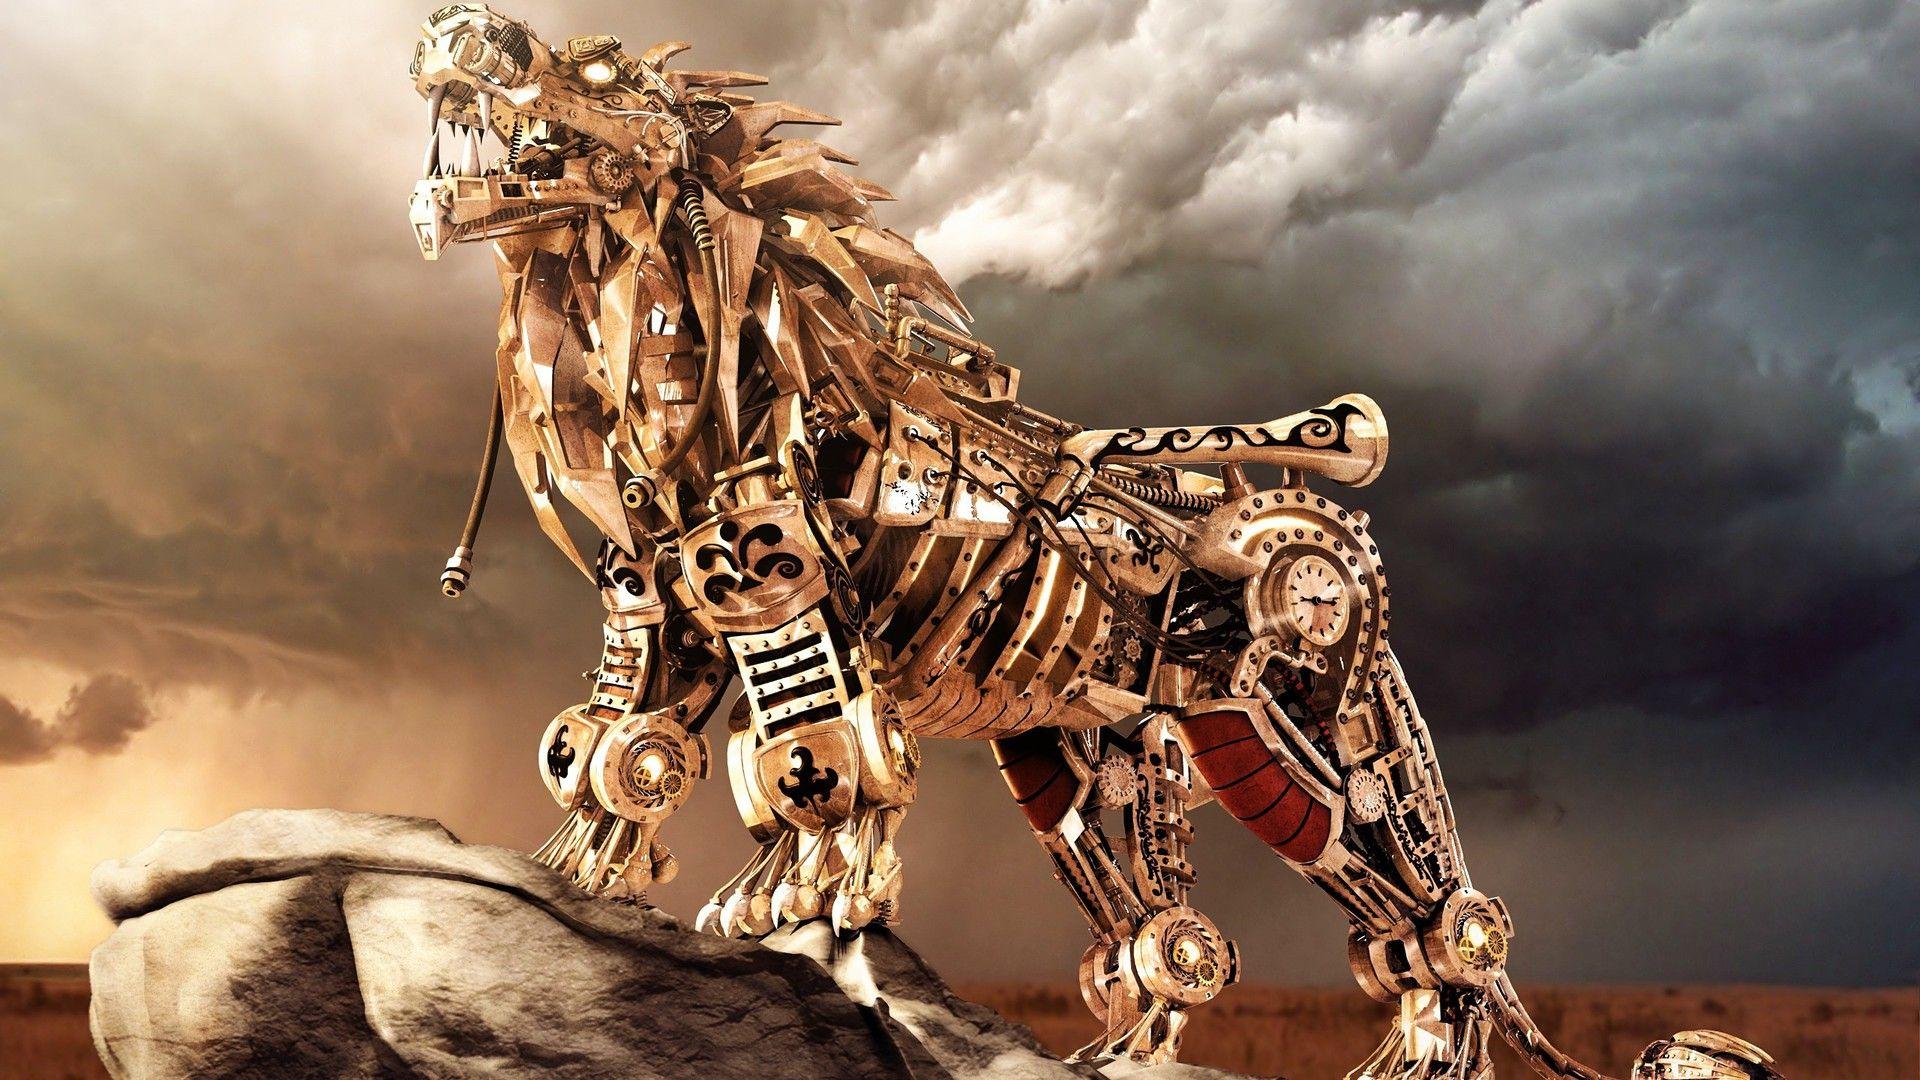 Lion Art 3d 1080p Wallpaper